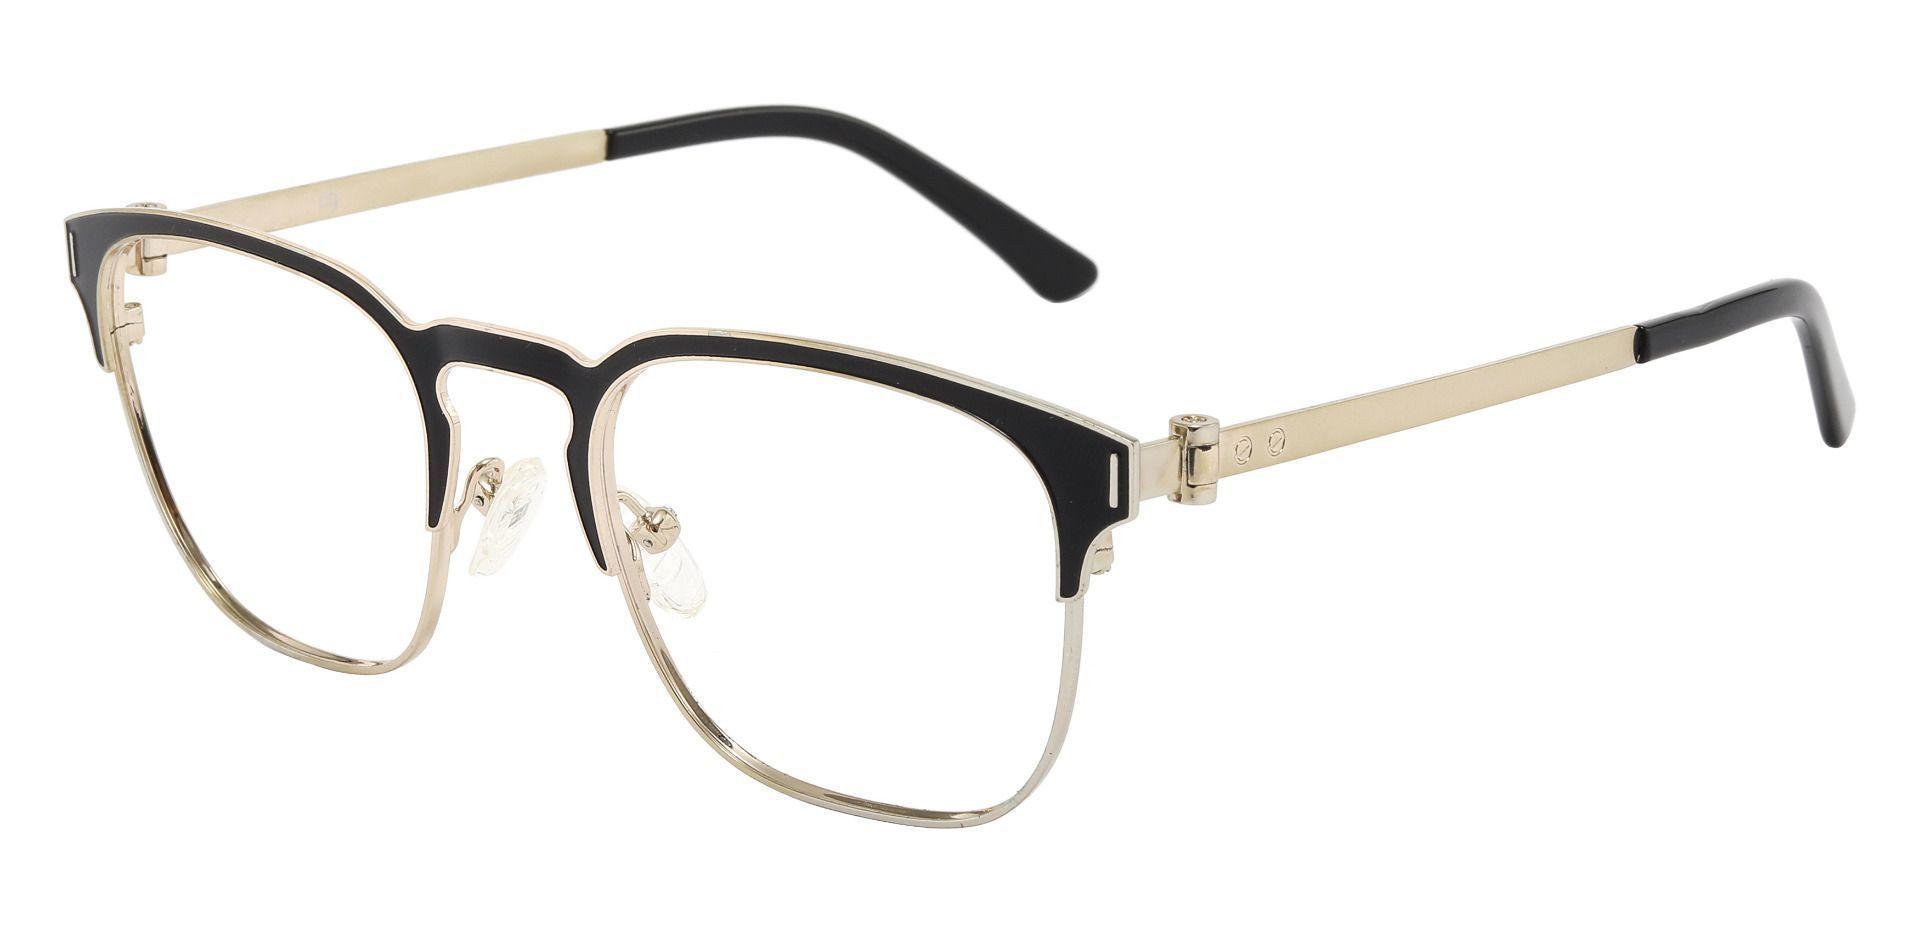 Oran Browline Prescription Glasses - Black